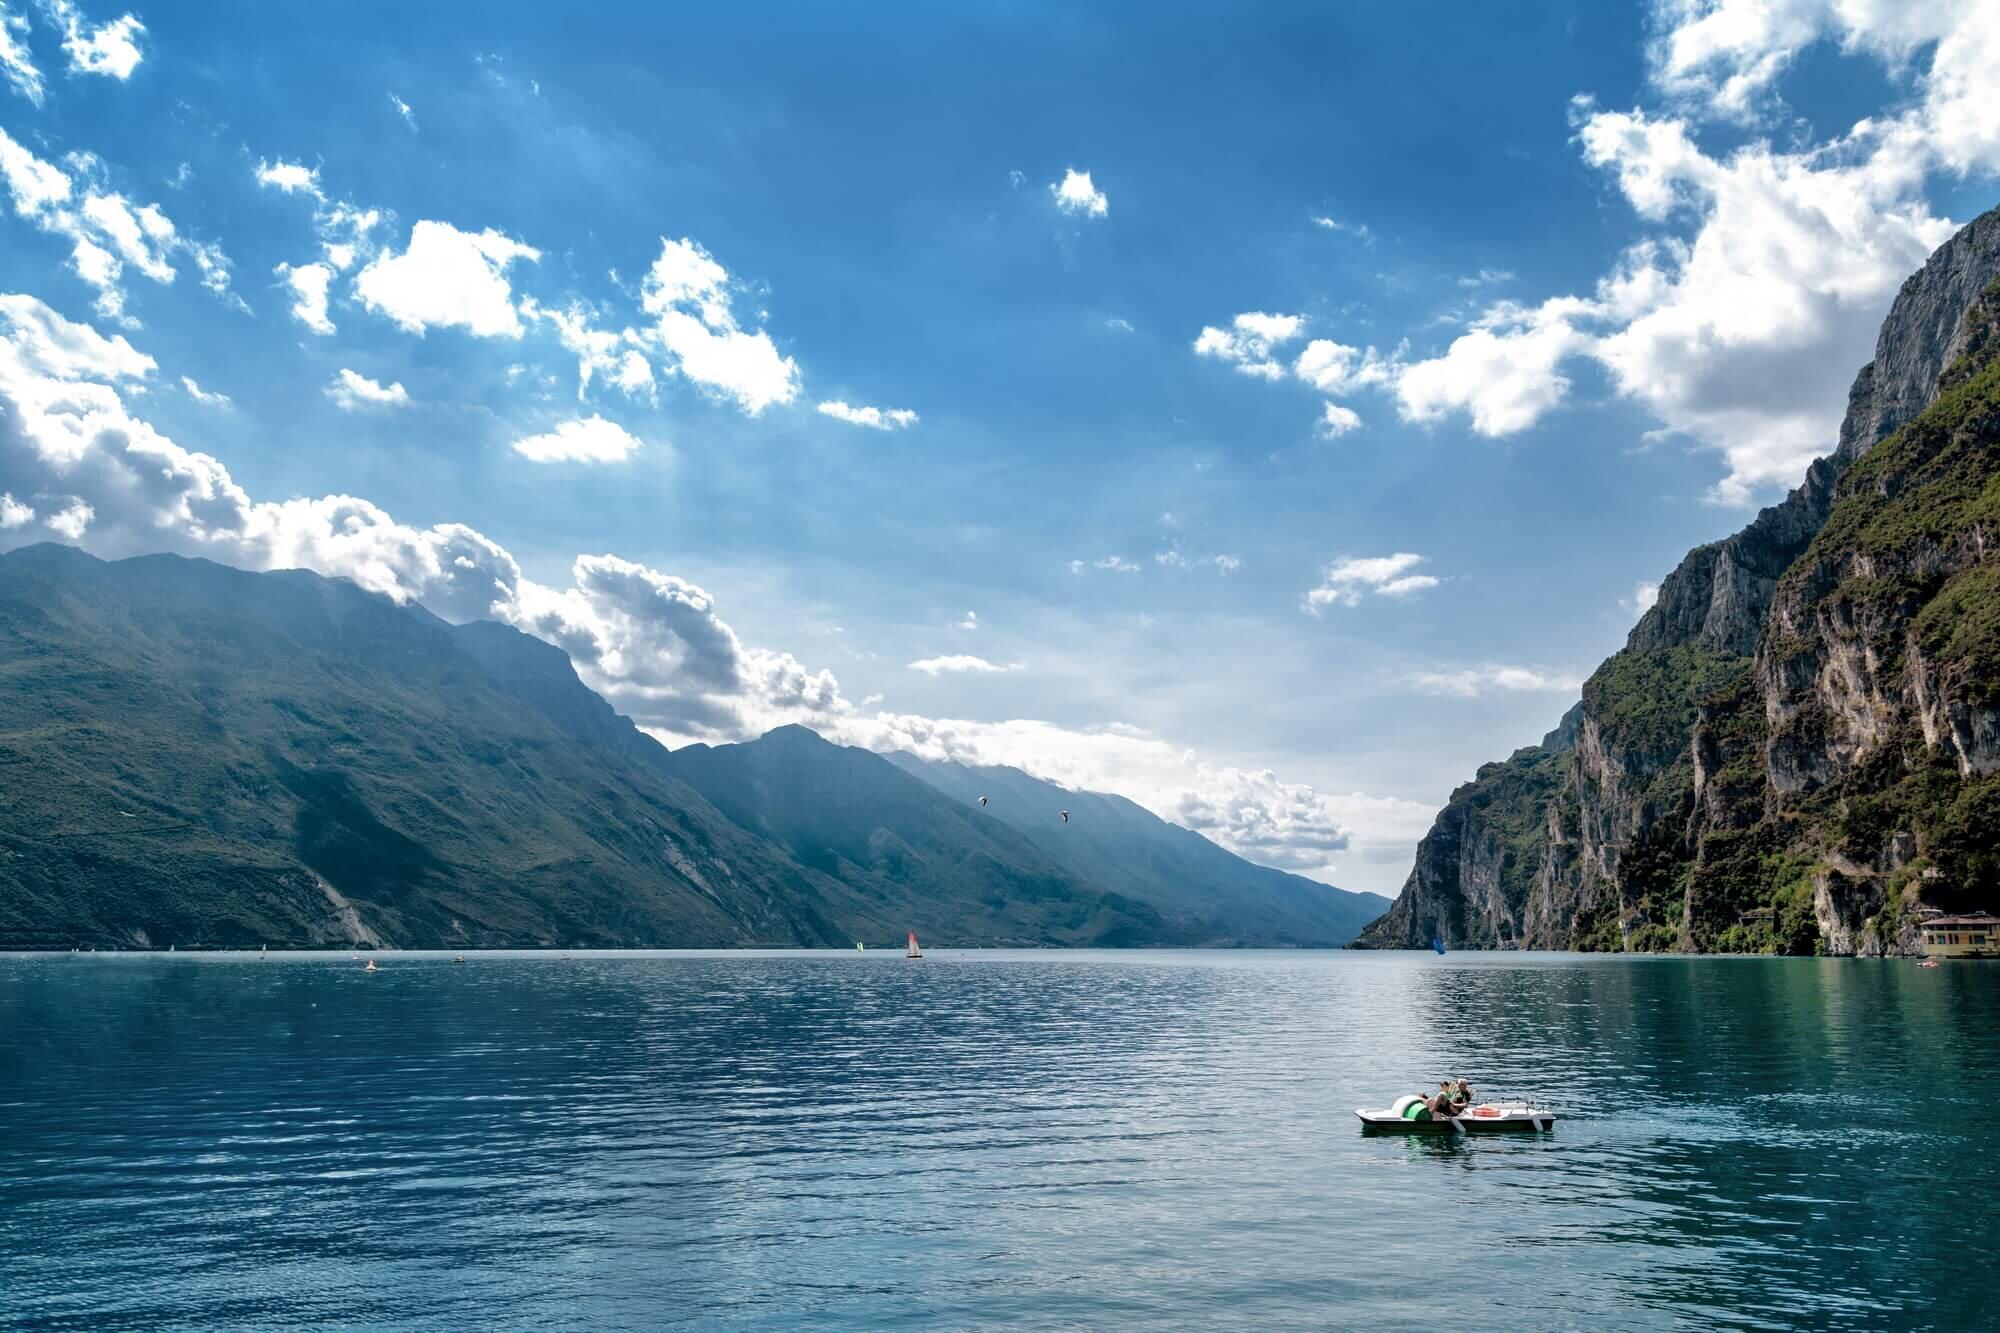 אגם גארדה, איטליה - Garda lake, Italy